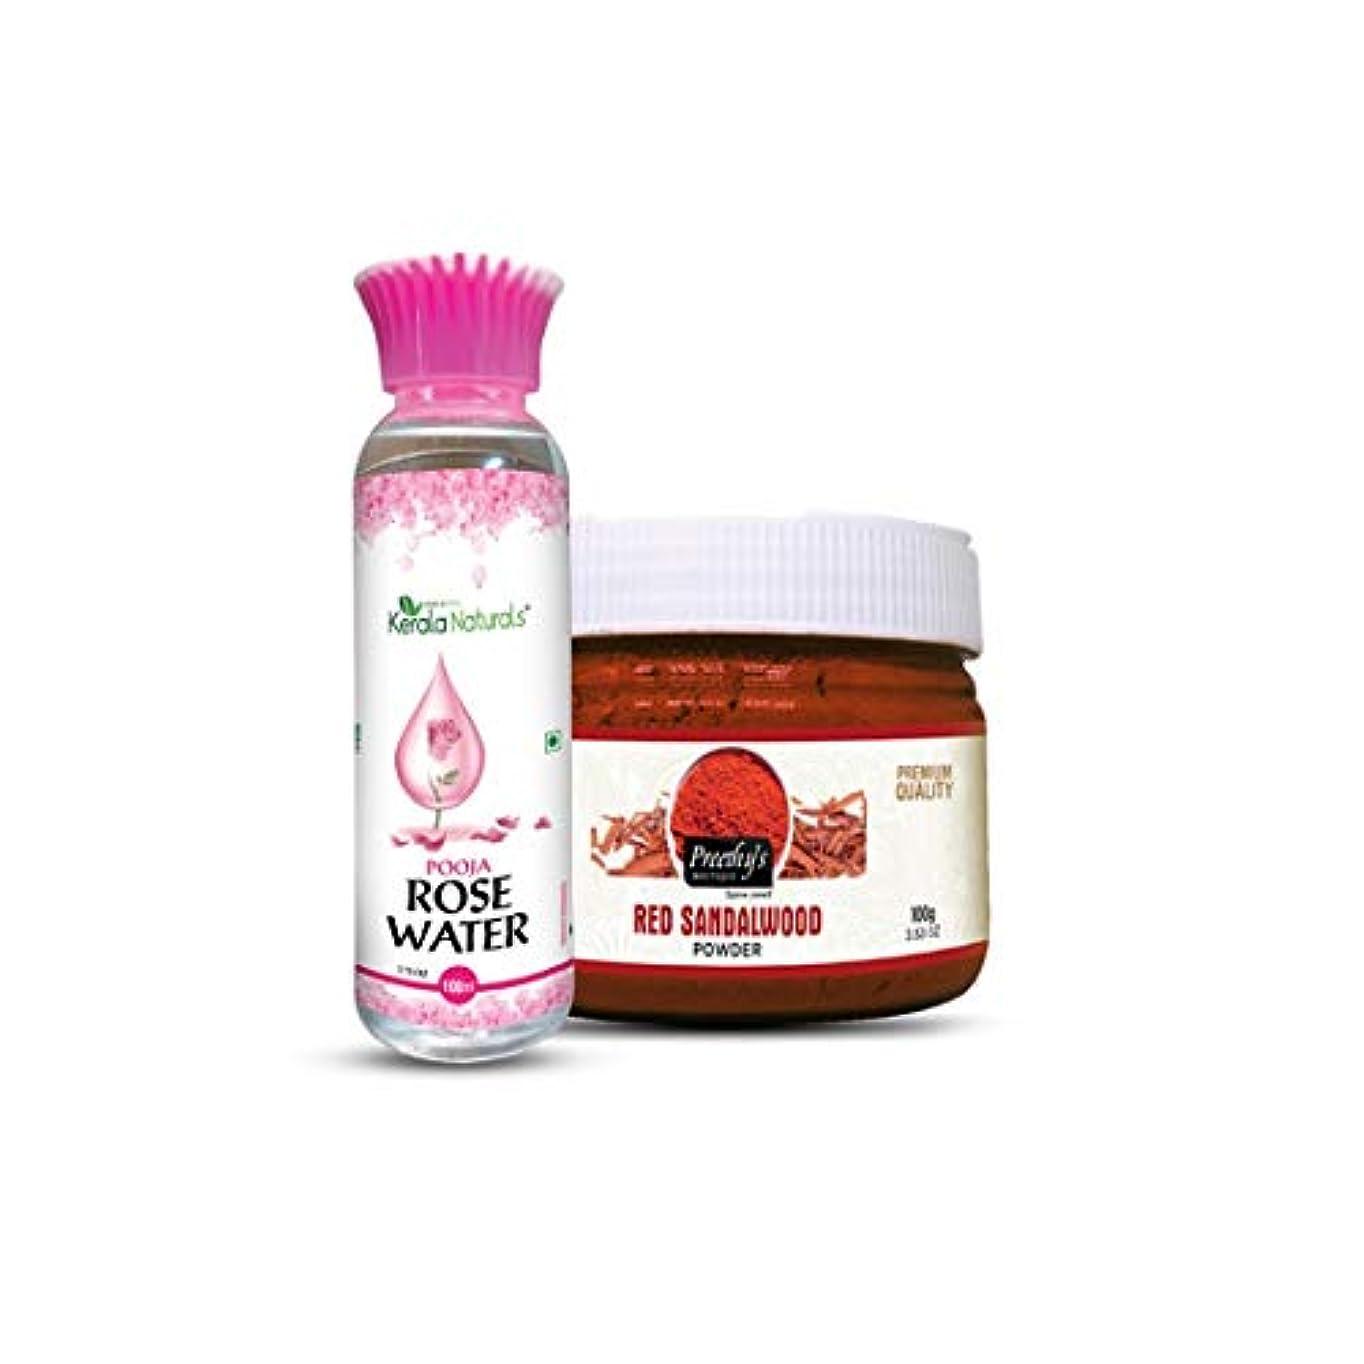 かび臭いバラ色理想的Combo of Red sandalwood powder 100gm+ Rose water 100ml - Enhancing the beauty of the Skin - 赤白檀パウダー100gm +ローズウォーター100mlのコンボ-肌の美しさを高める